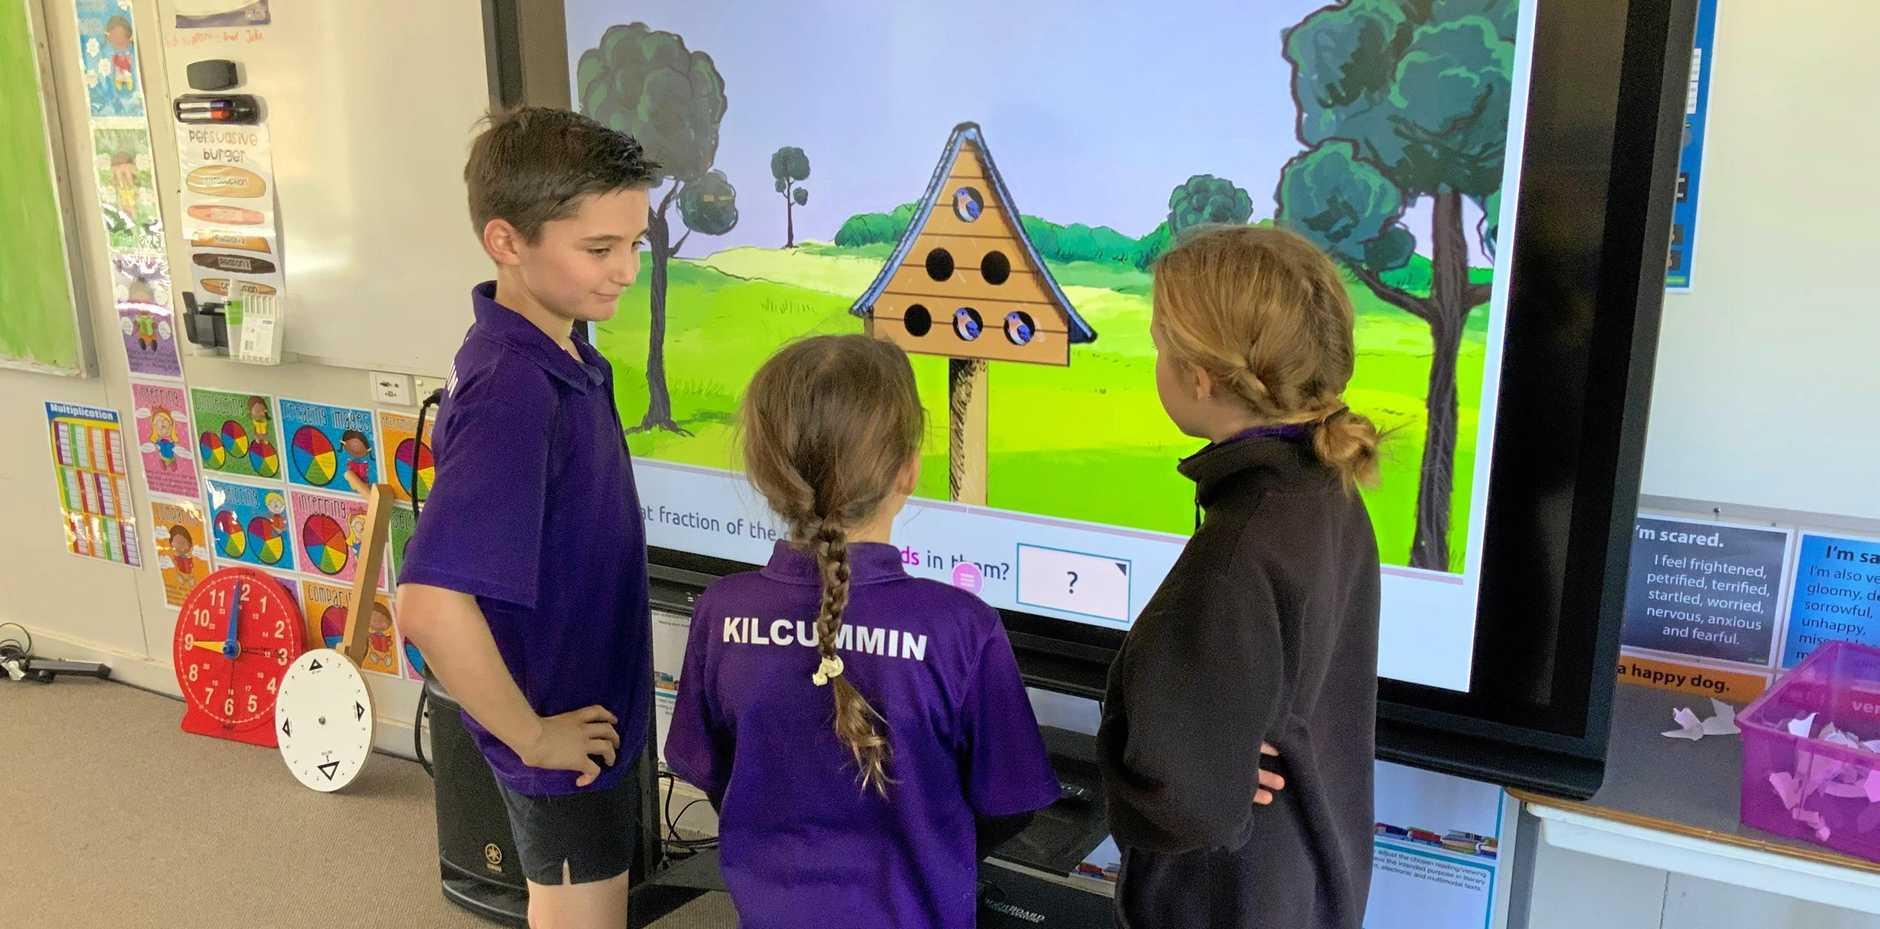 Kilcummin State School students work through Matific activities on an interactive whiteboard.